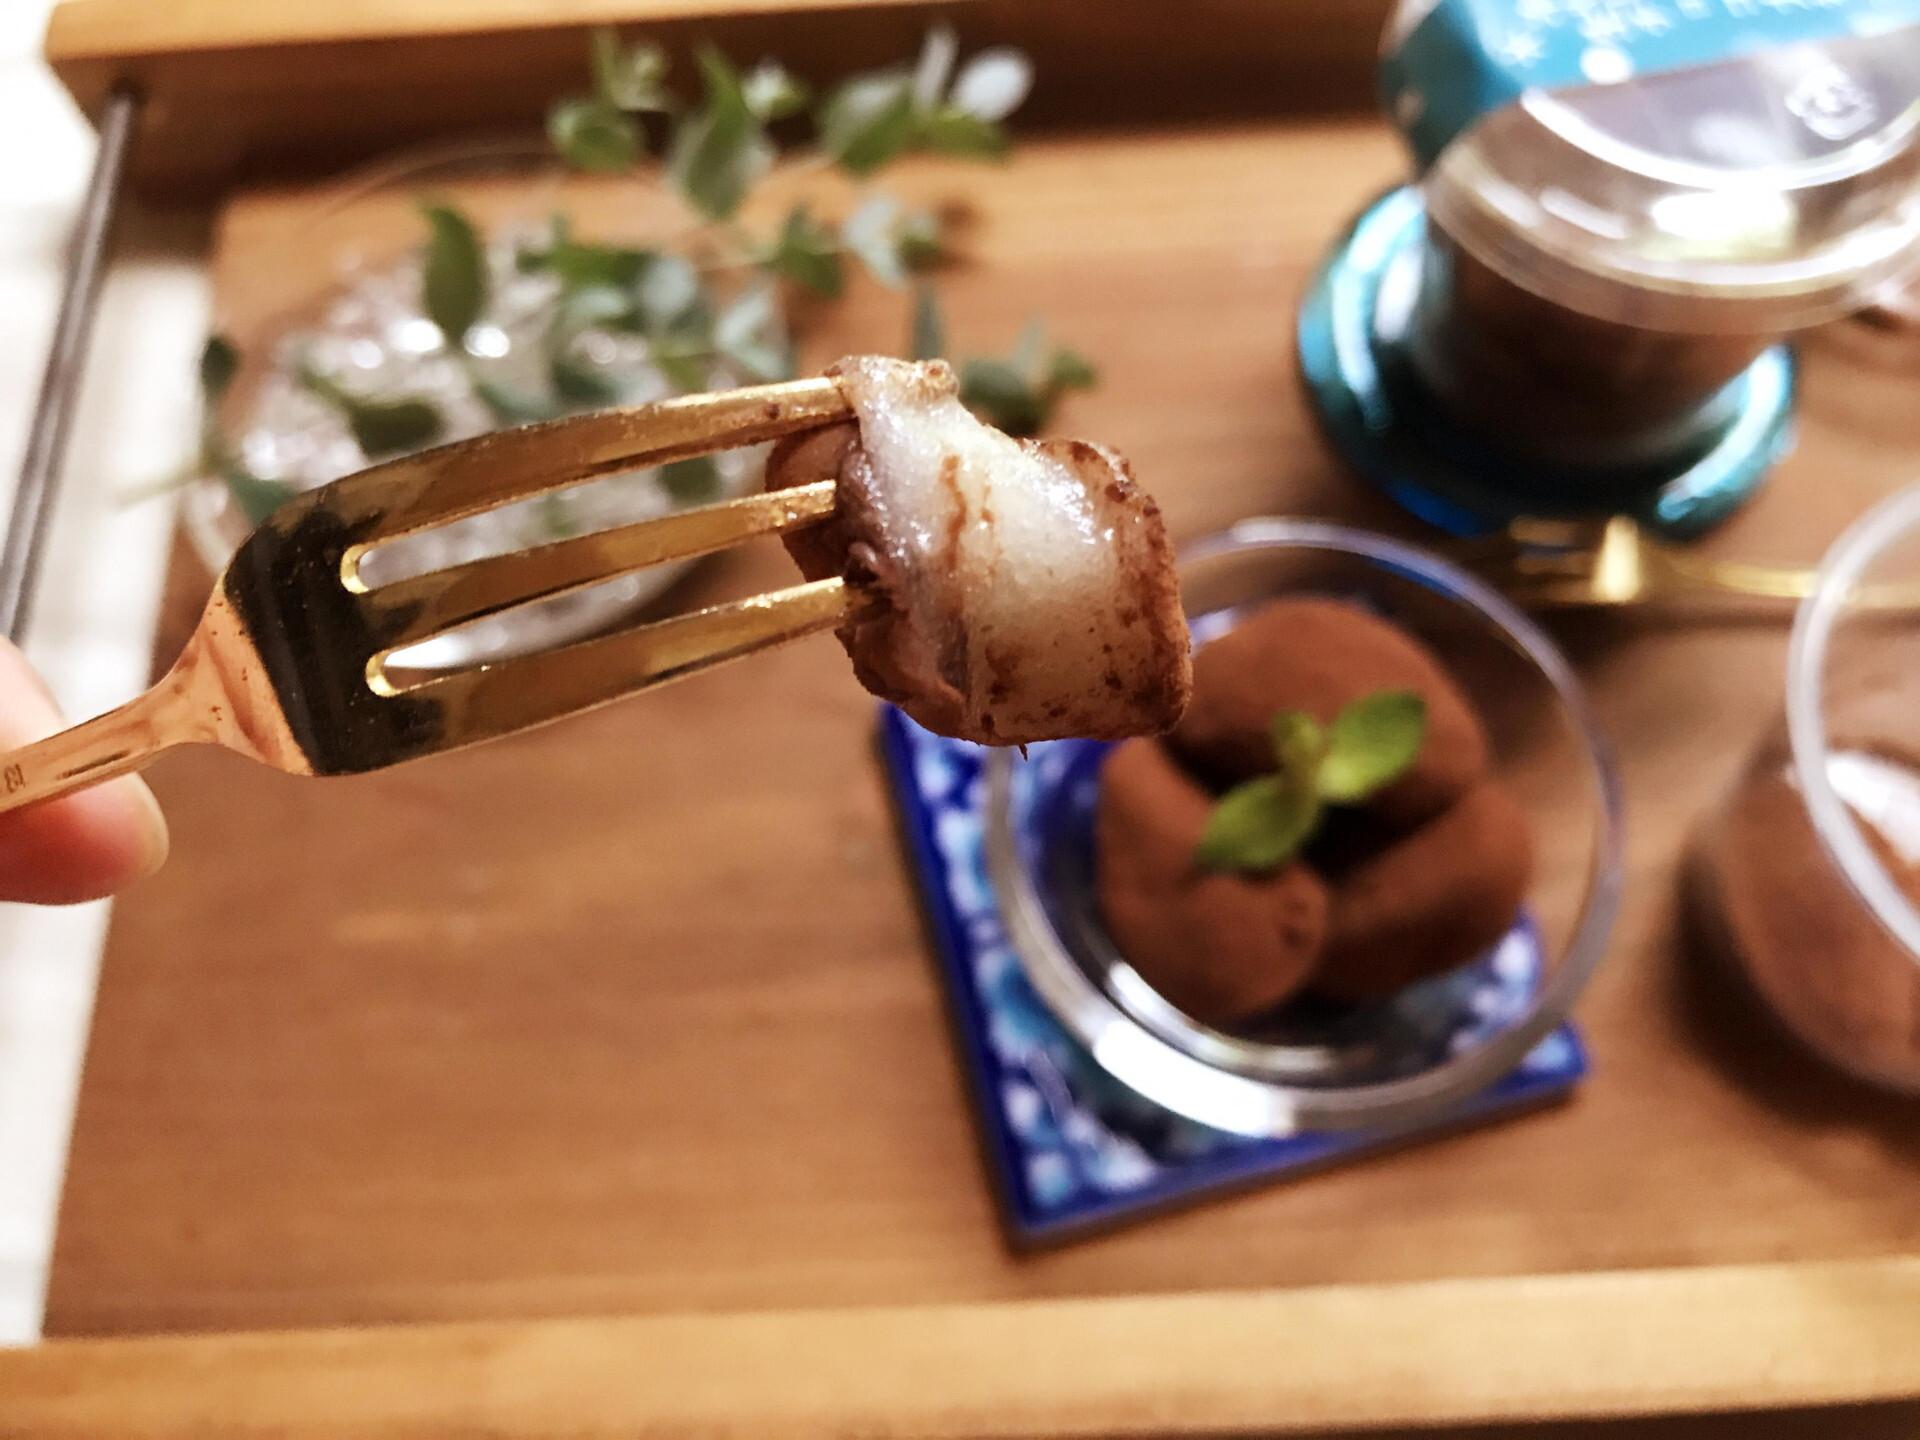 シャトレーゼ「冷やし生チョコ大福カップ入